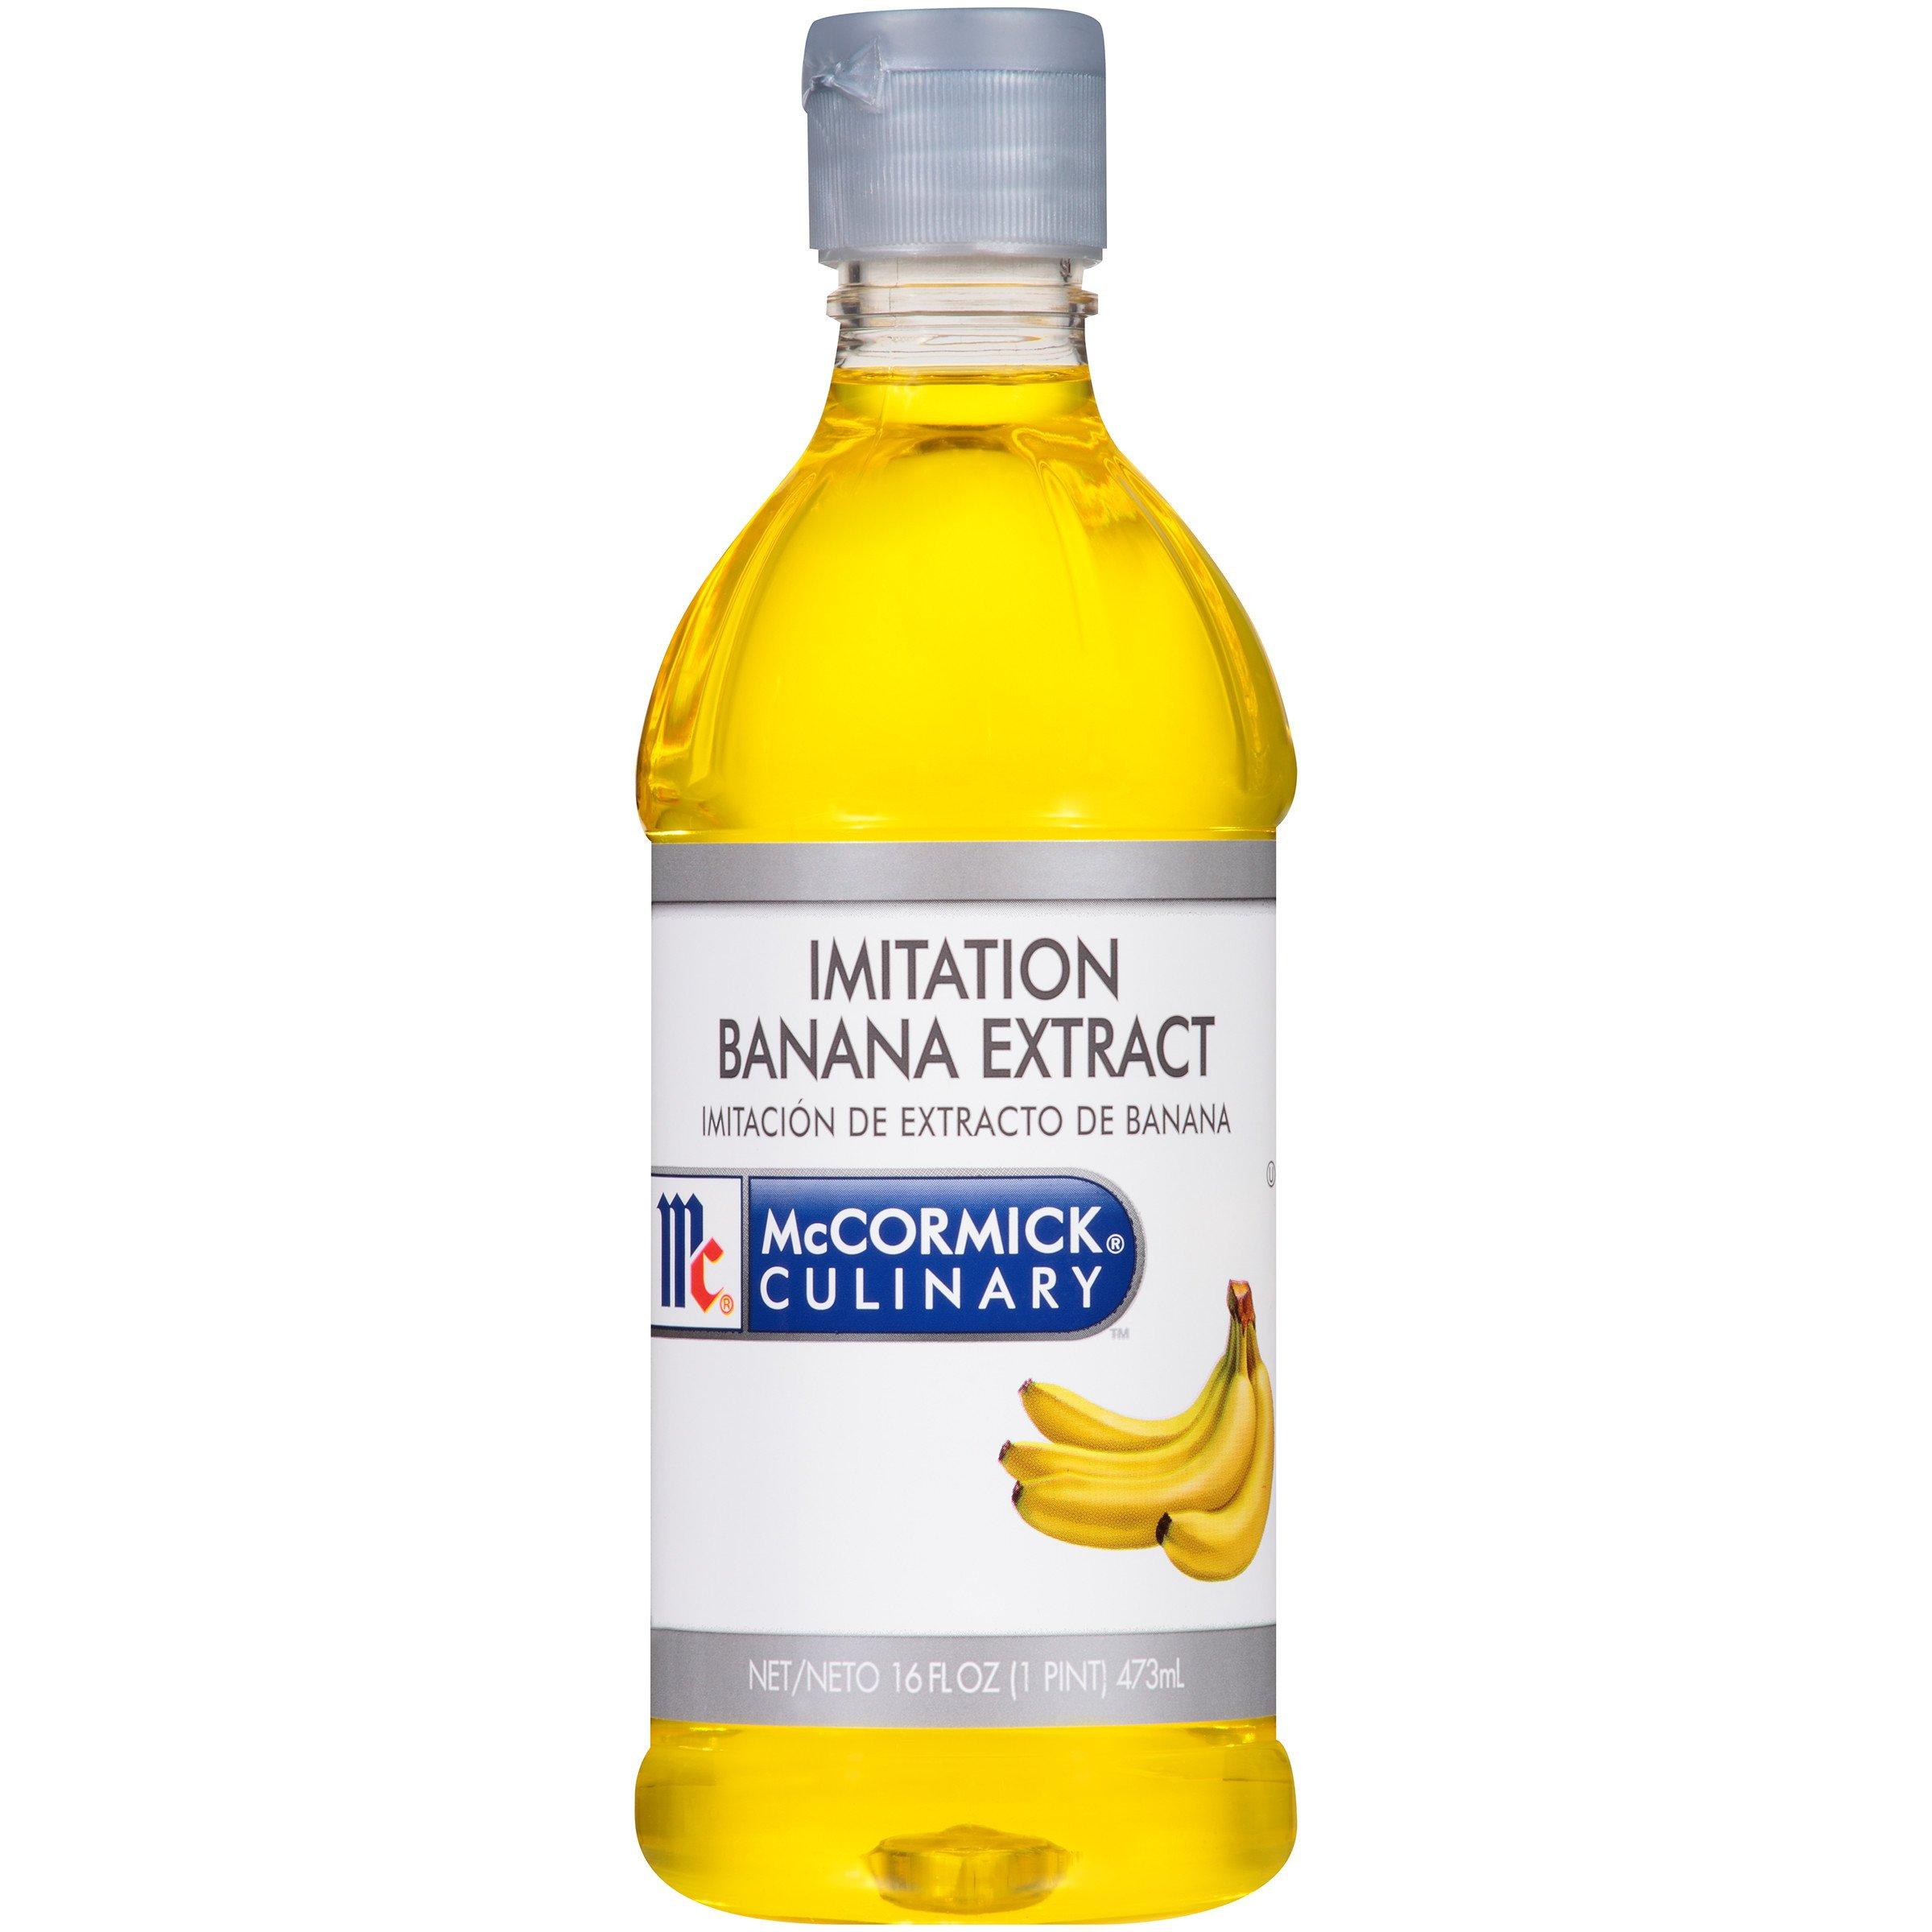 McCormick Culinary Imitation Banana Extract, 16 fl oz